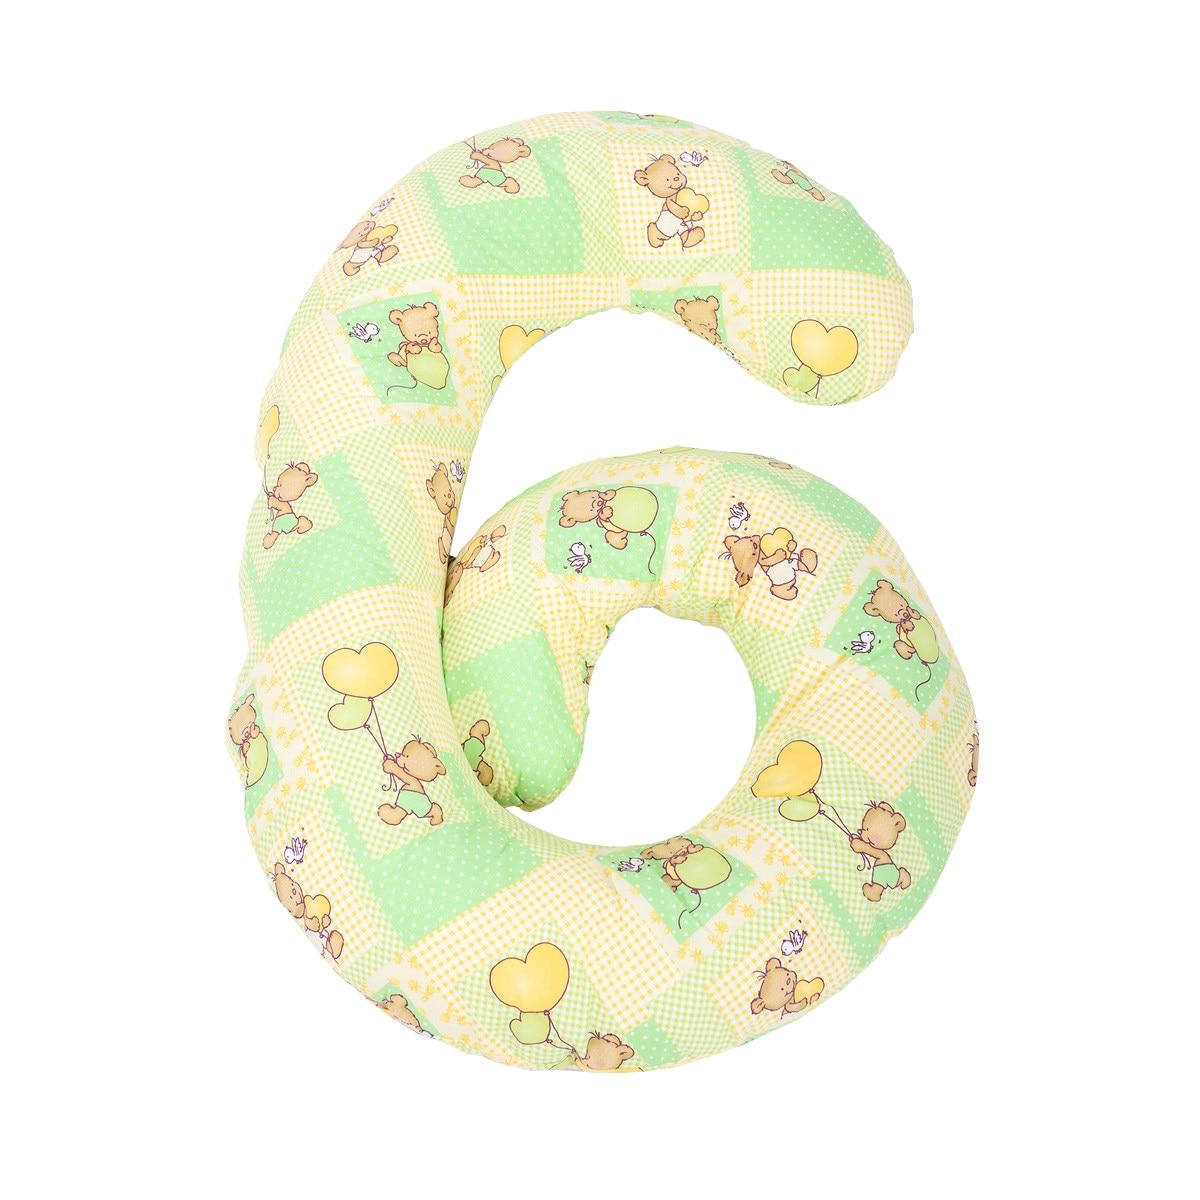 Fotografie Perna 3 in 1 de gravida si alaptat BabyNeeds, Ursuleti colorati